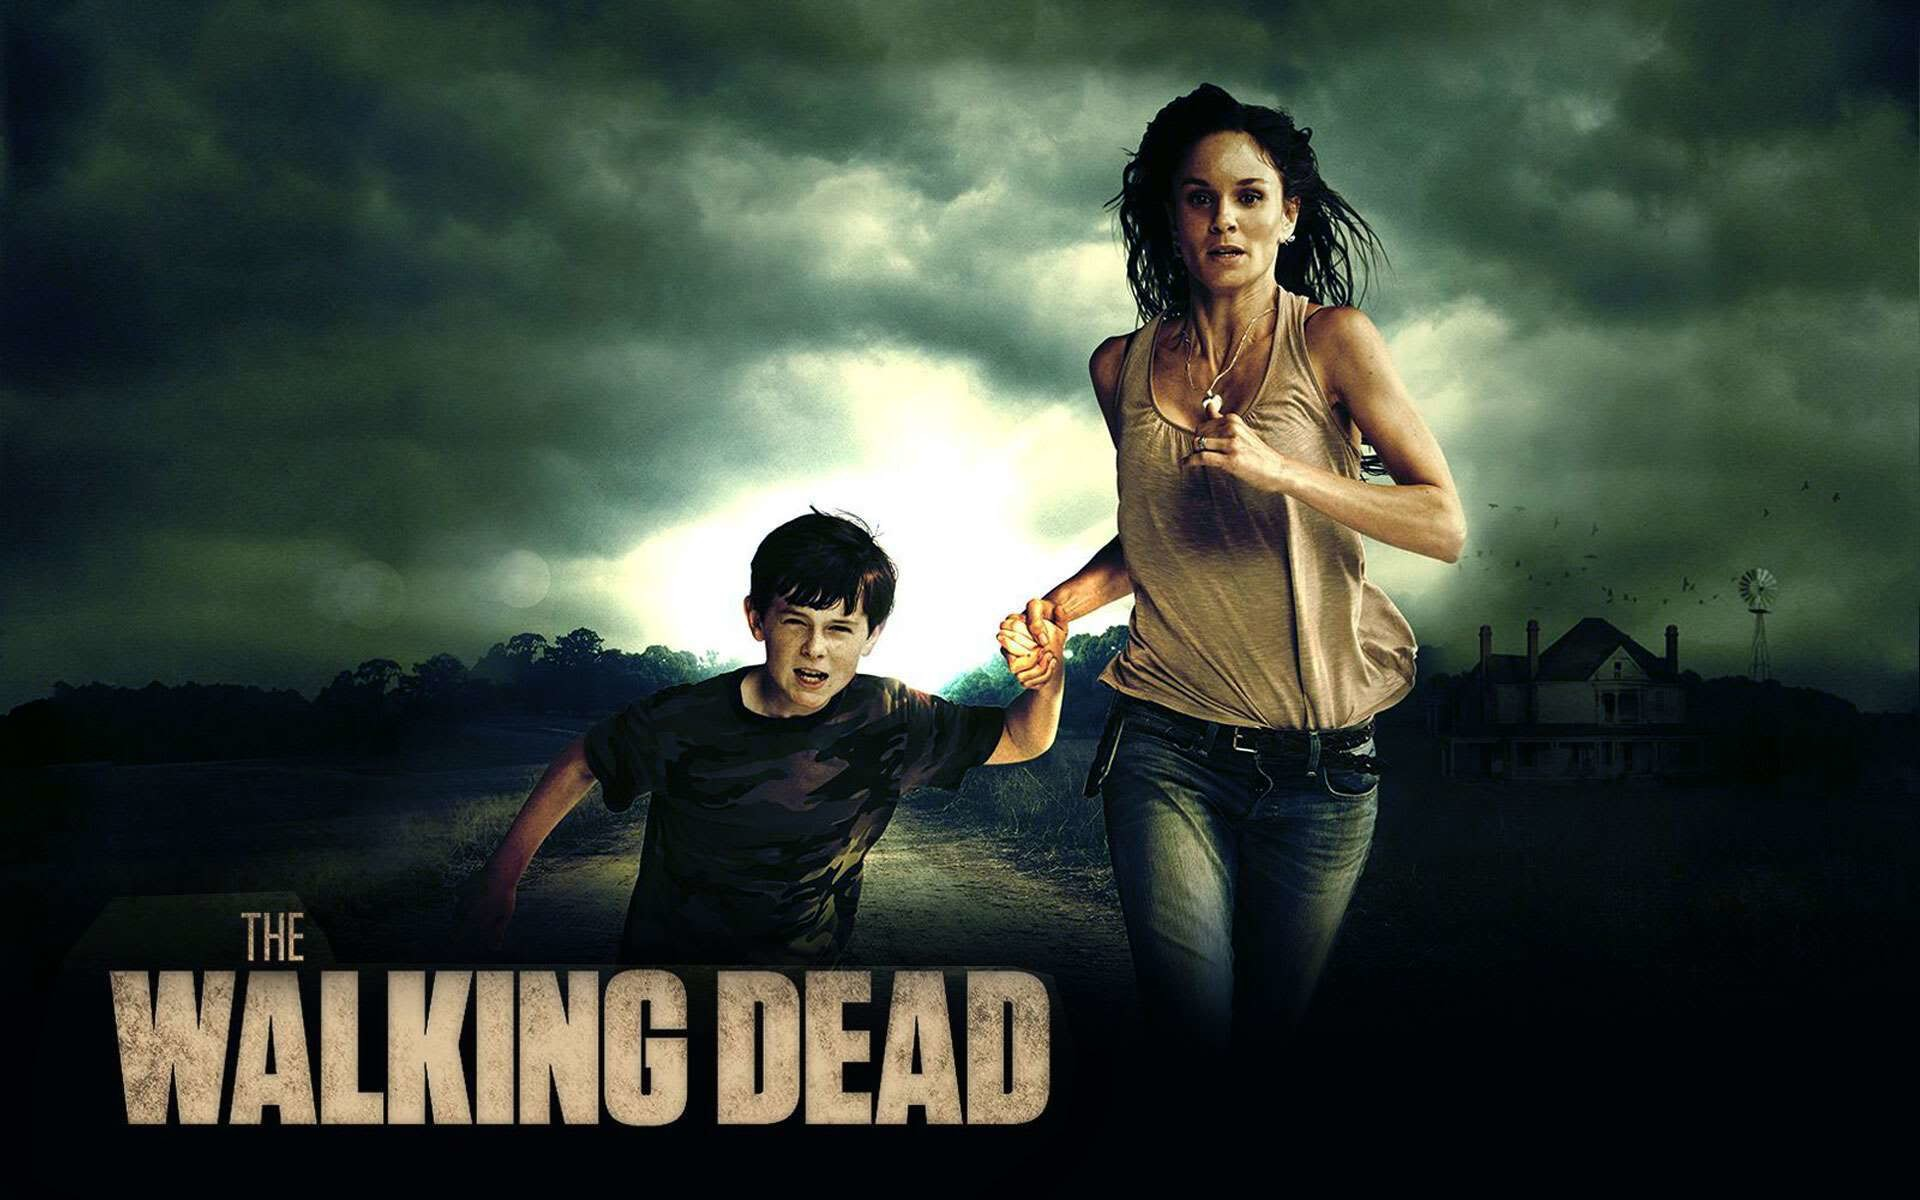 The Walking Dead Wallpaper #6957504